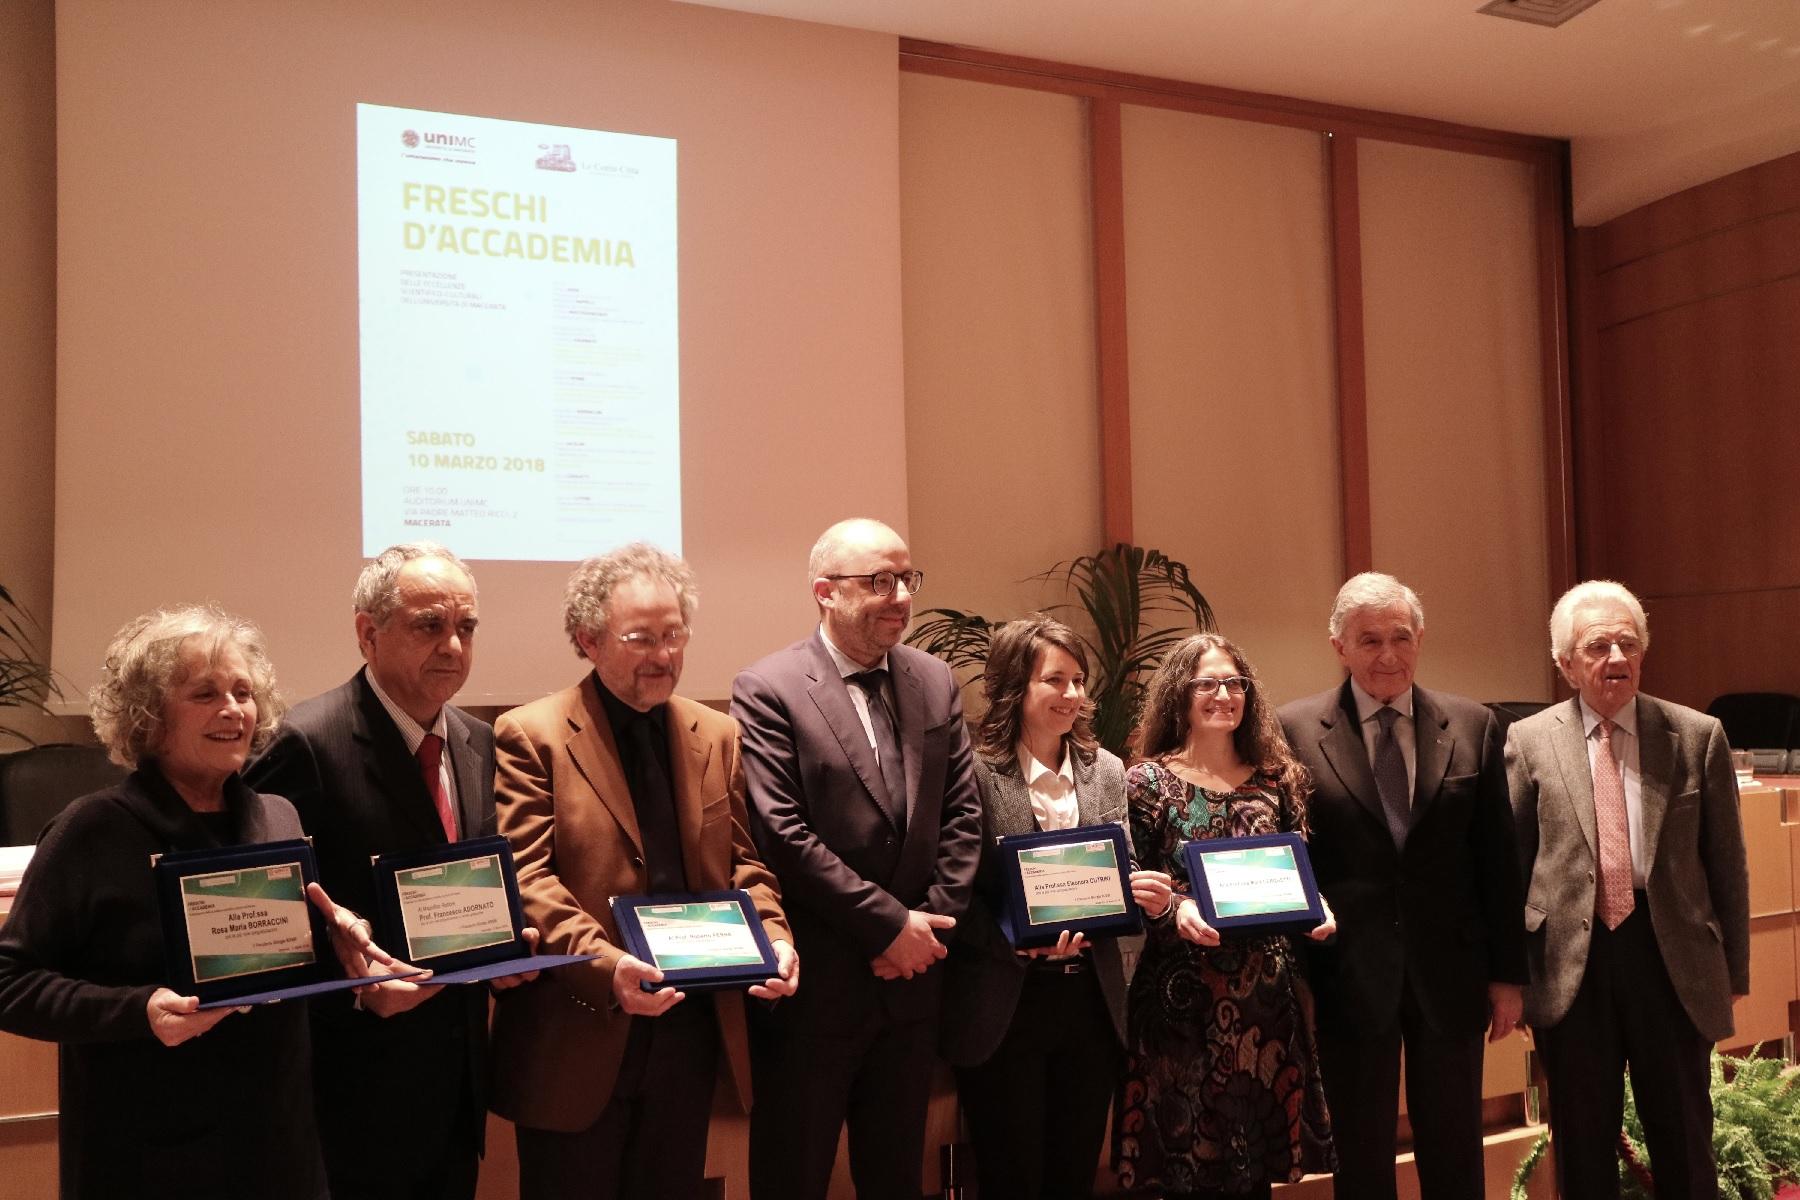 Unimc premiata per il progetto di rilancio delle aree interne